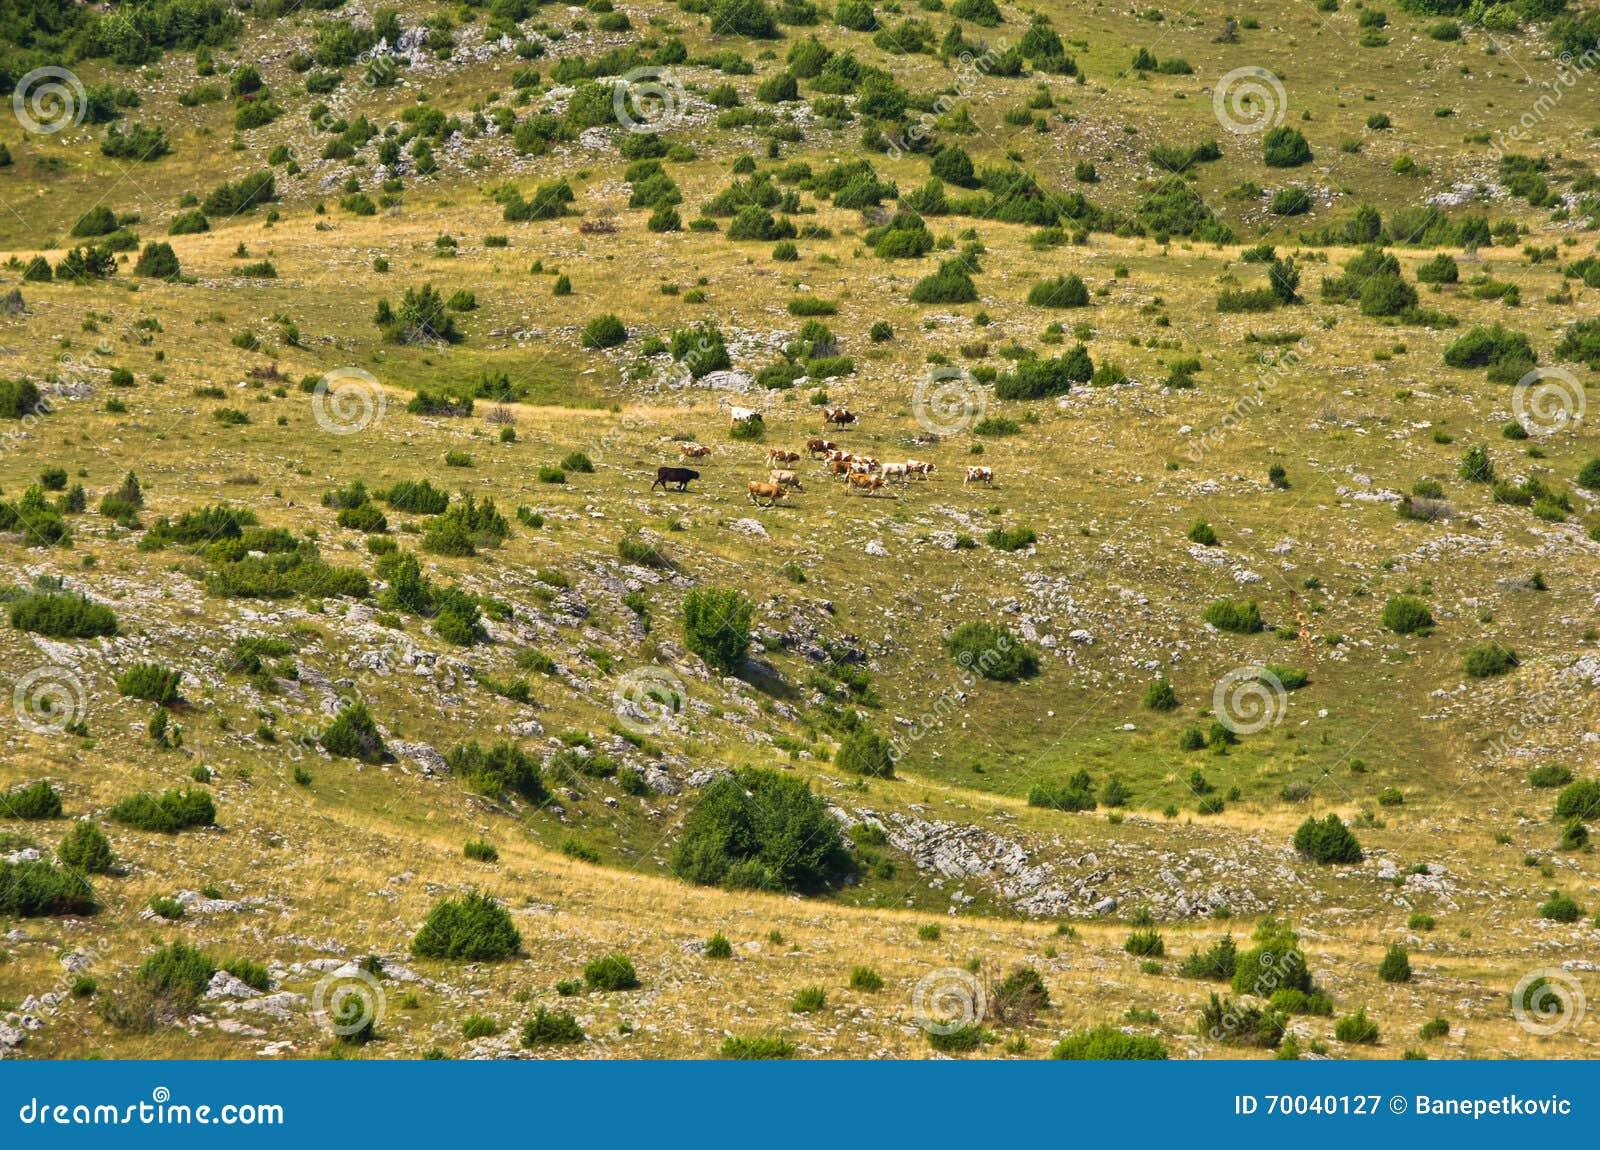 Les effondrements de Karst, détail de agacent le paysage de plateau